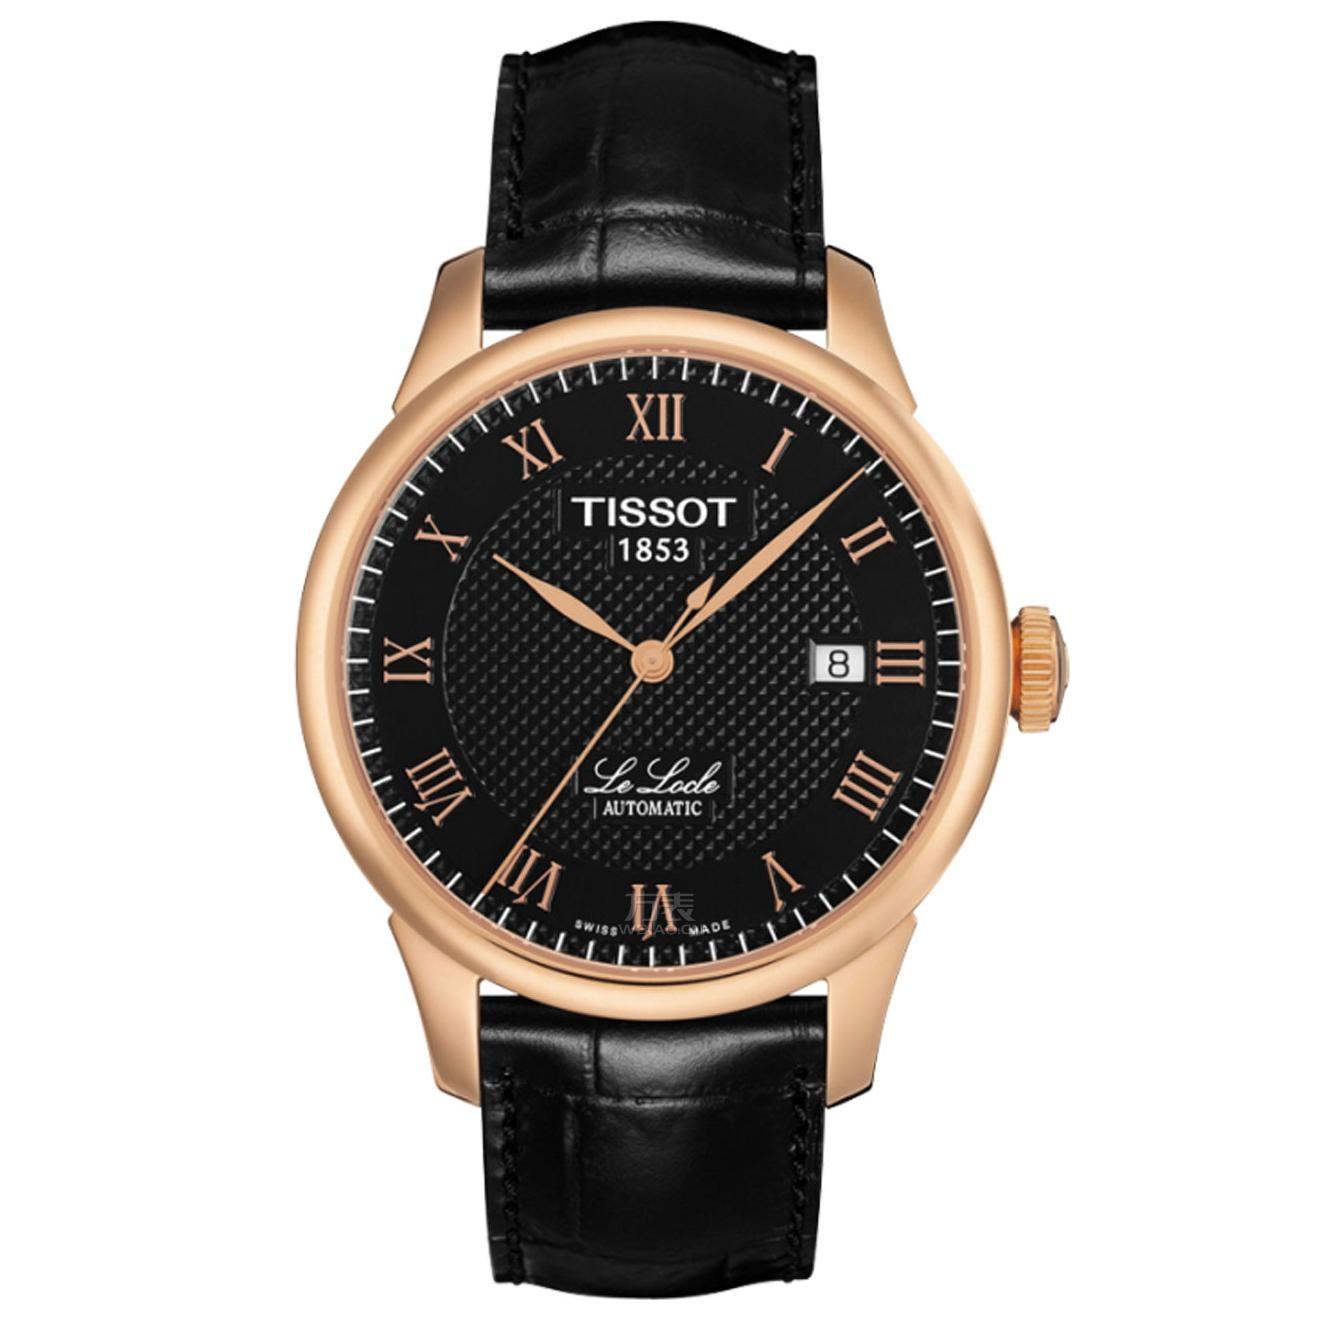 梭手表怎么样?天梭表产自哪里?天梭手表好吗?